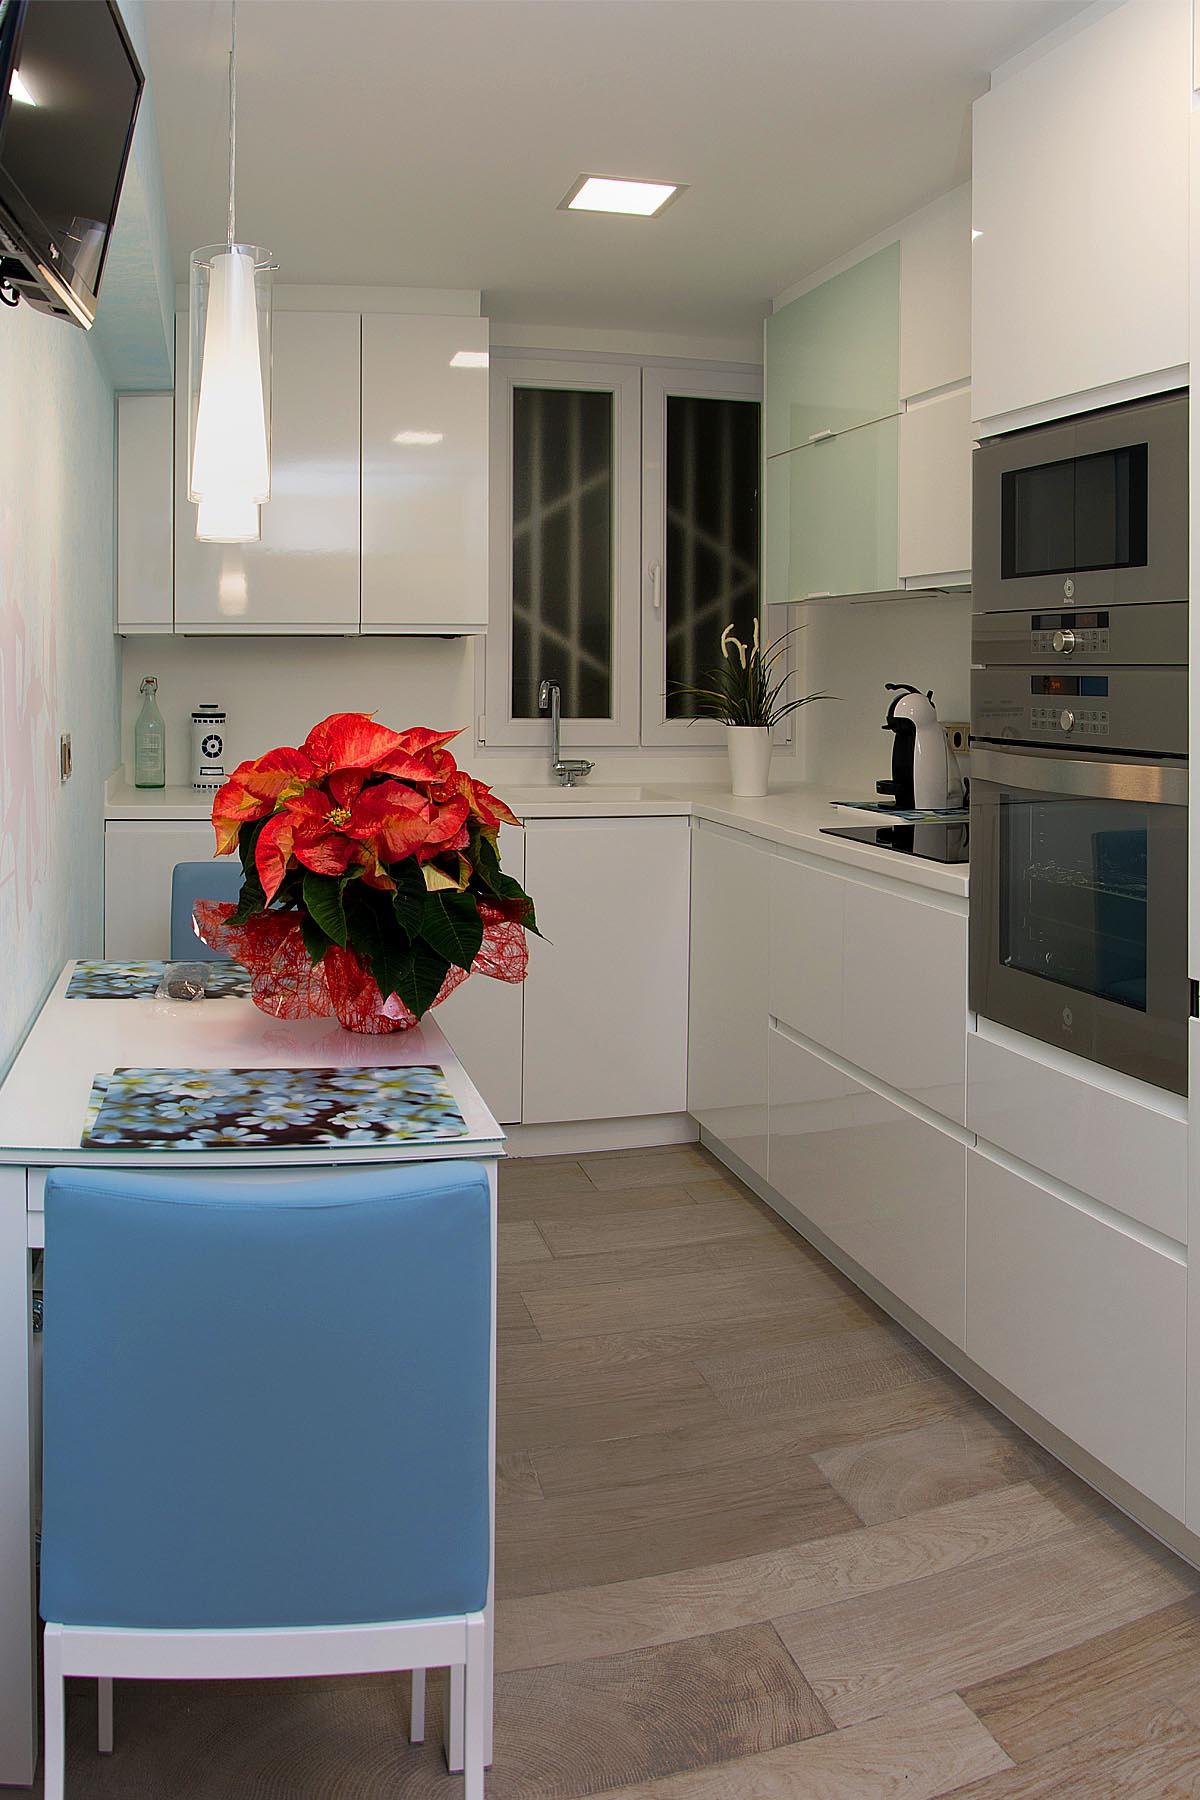 reformas de cocinas y baños cantabria,reformas de cocinas